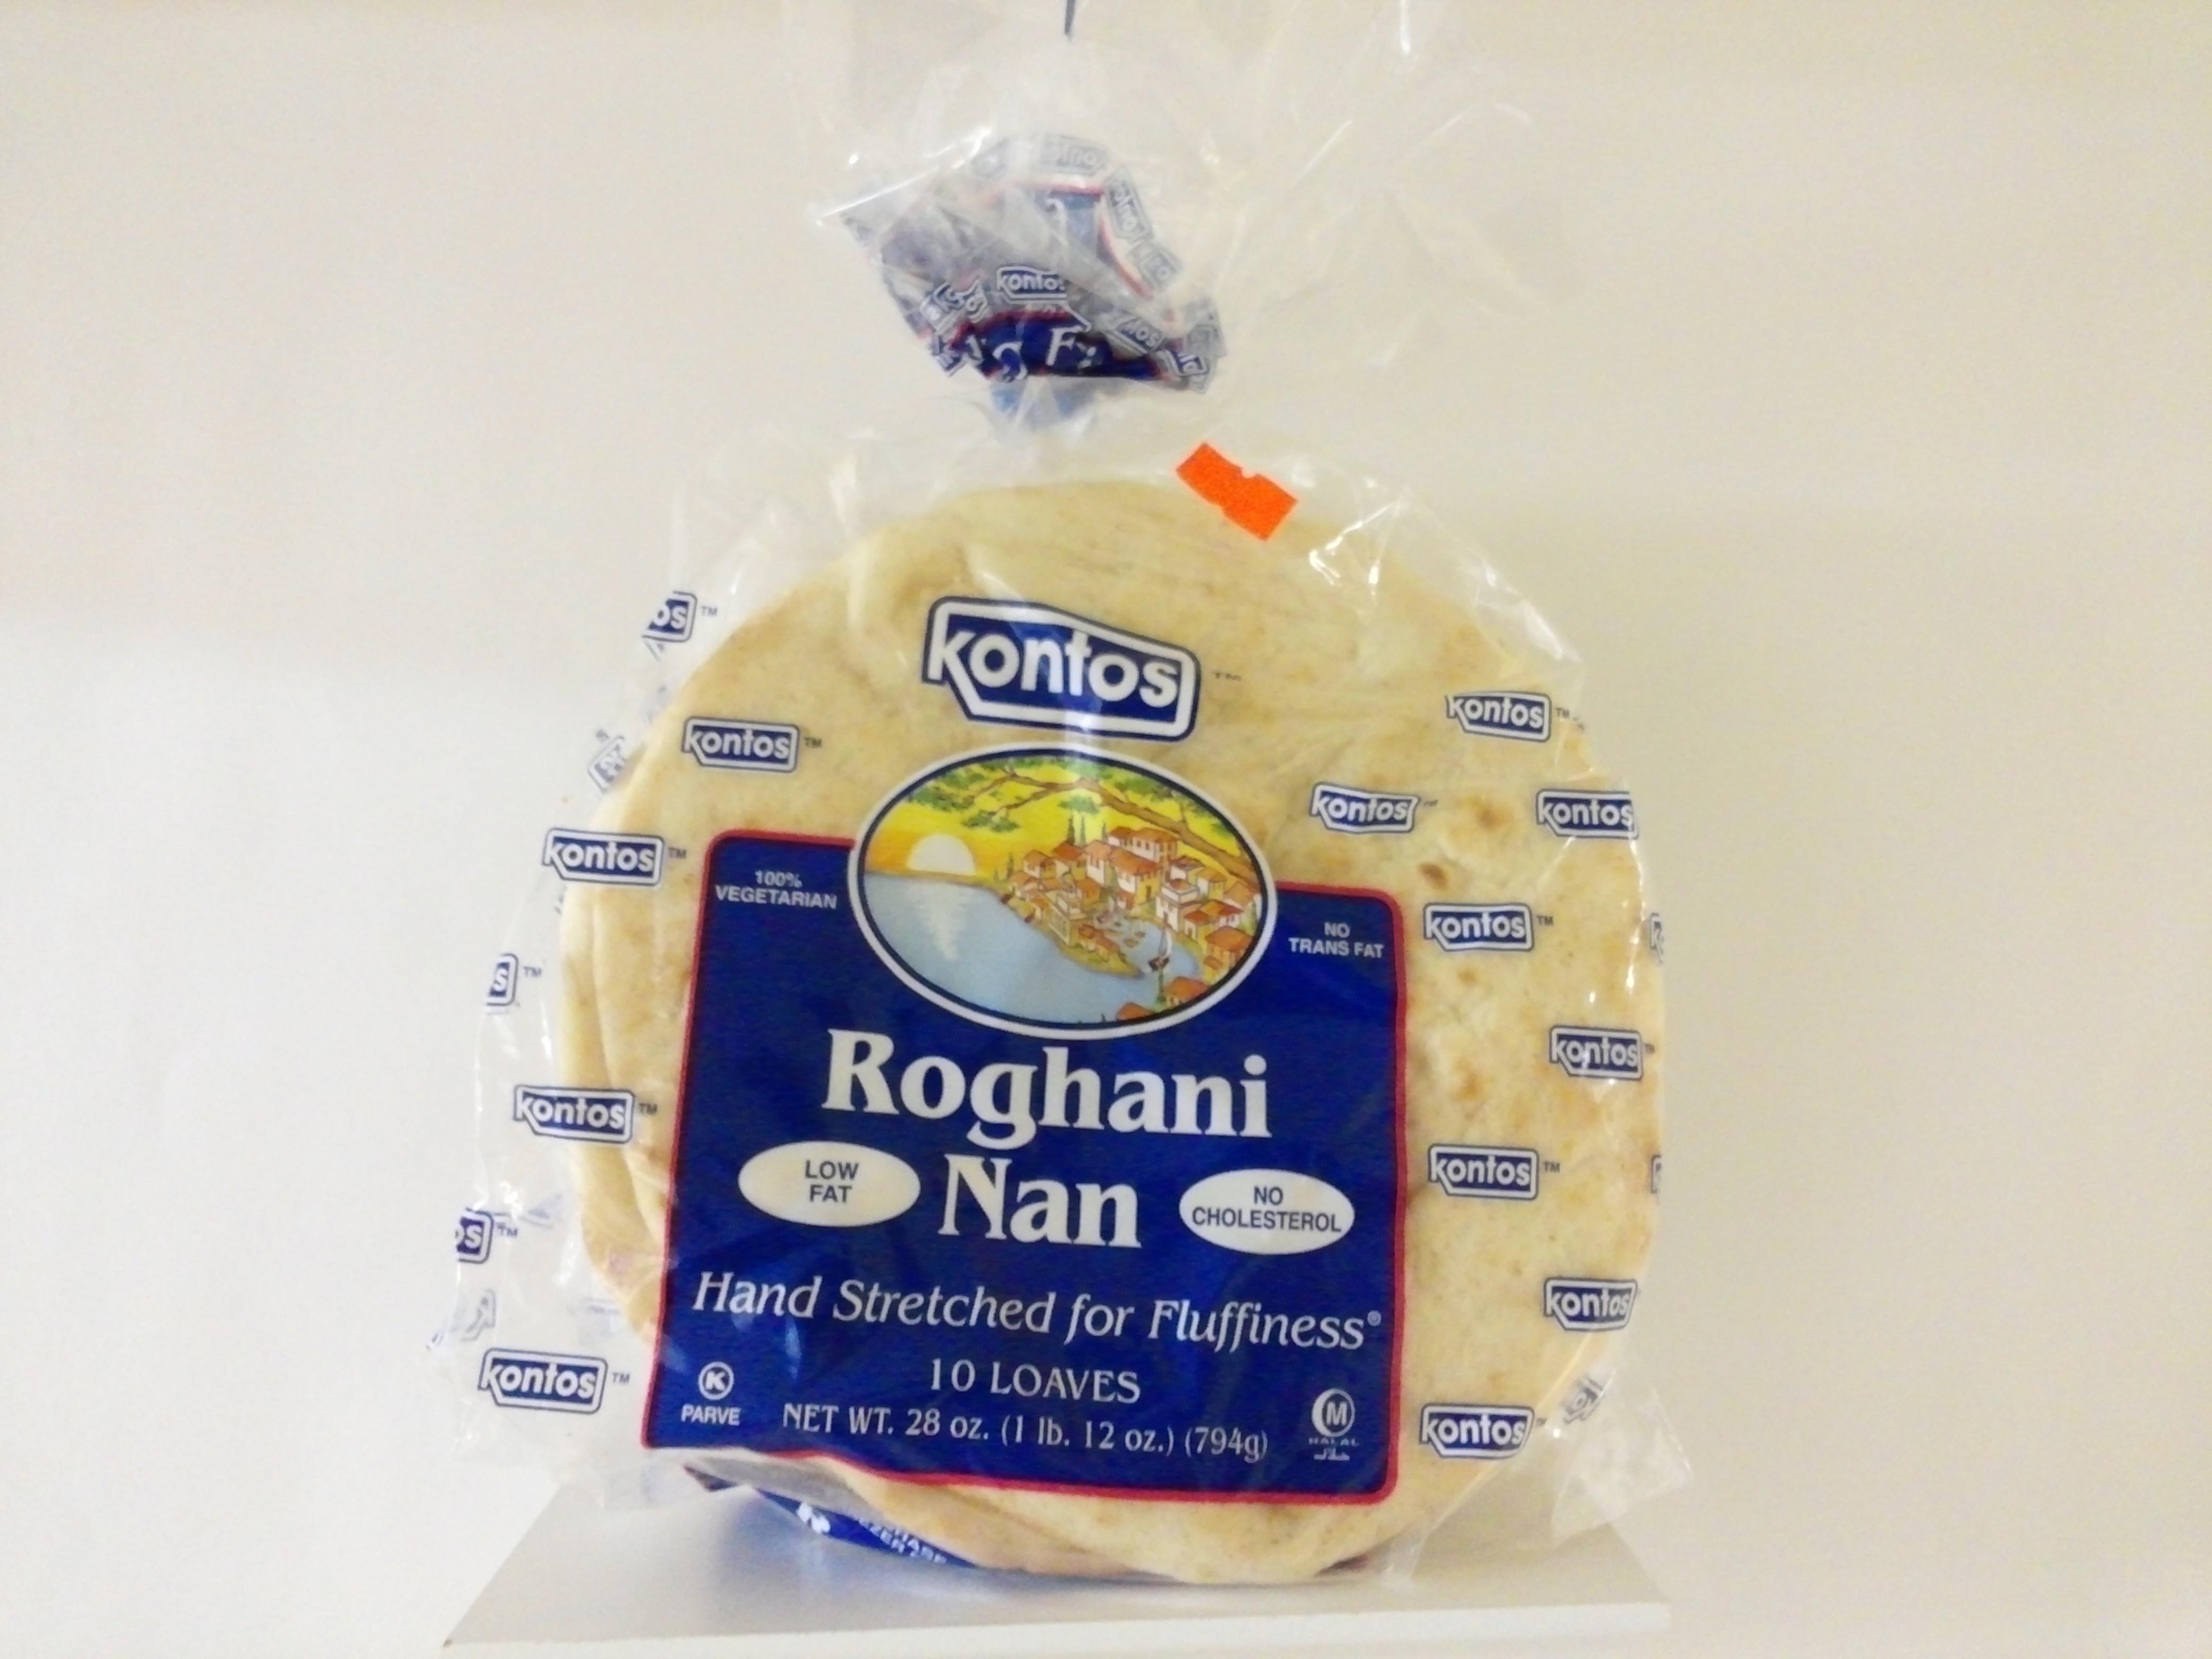 Kontos Roghani Naan 10 Pcs 28 oz